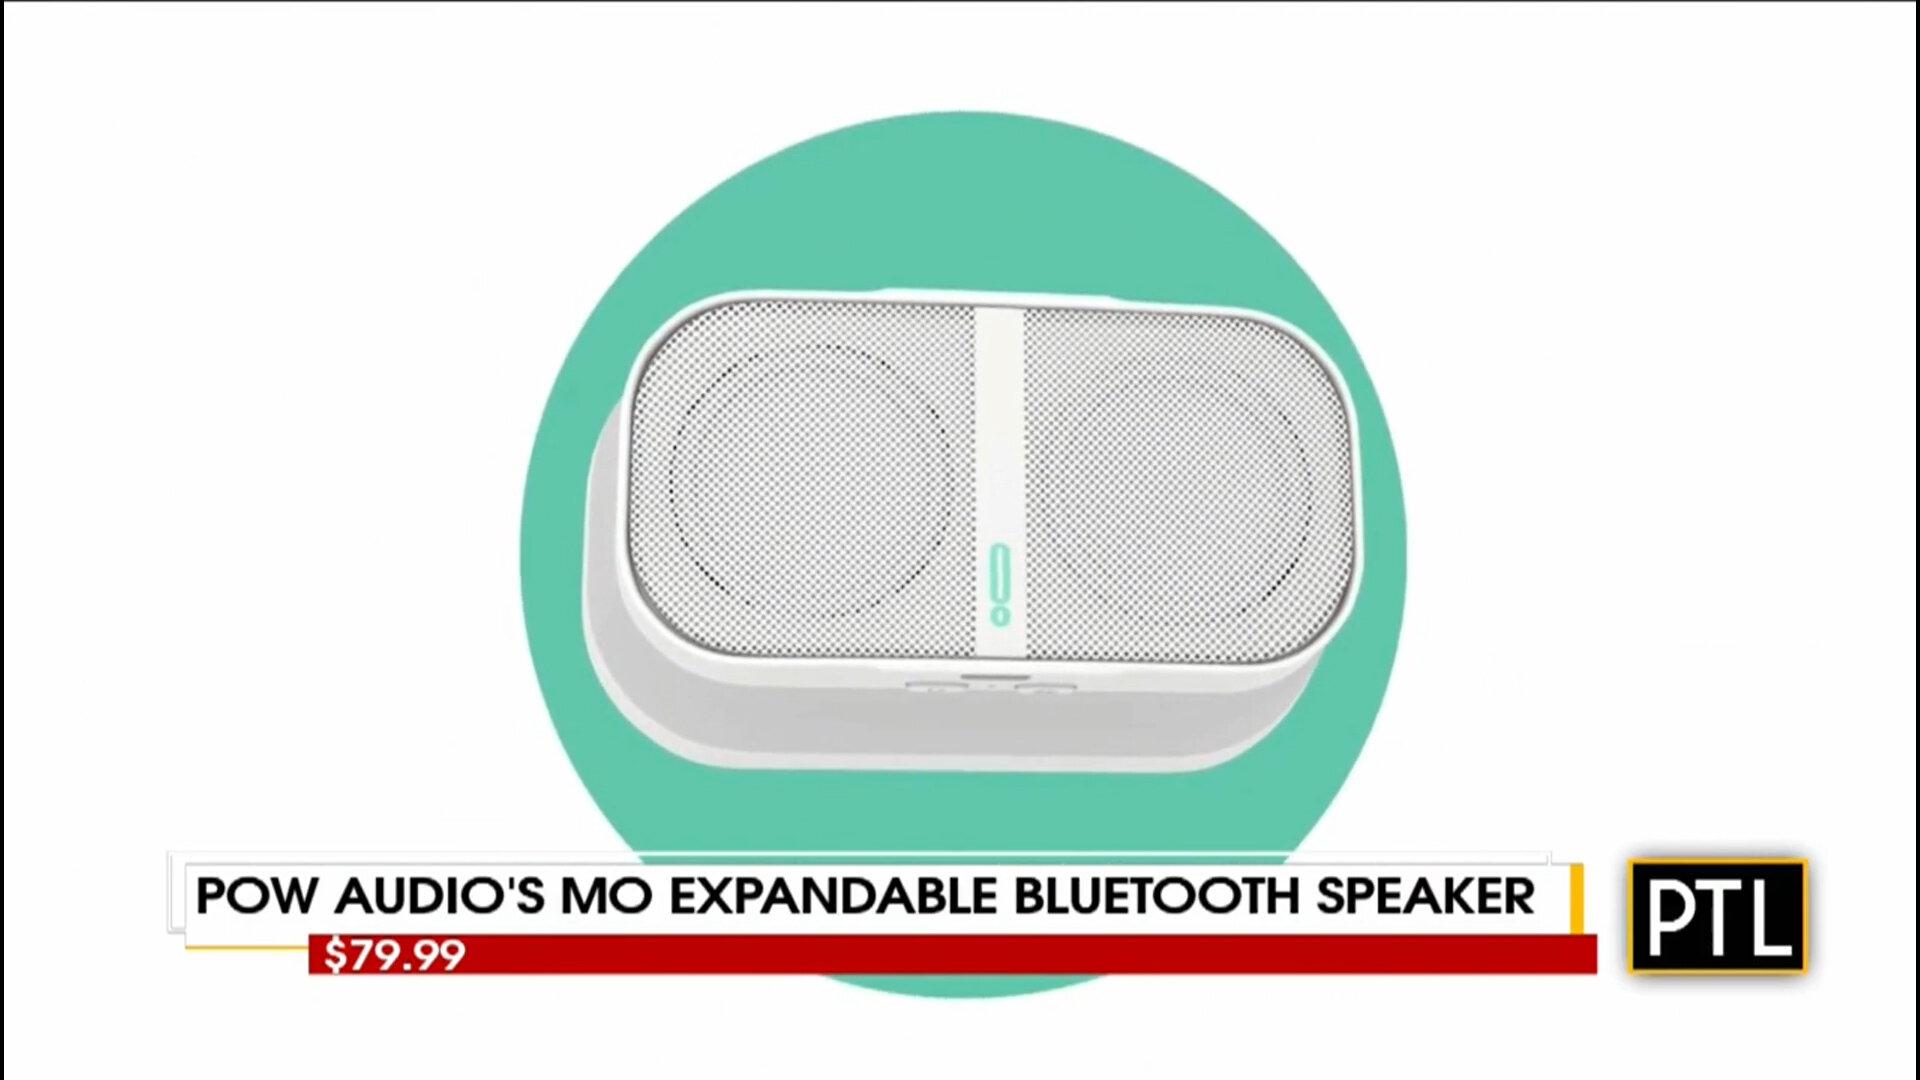 POW AUDIO'S MO EXPANDABLE BLUETOOTH SPEAKER - $79.99Shop Now